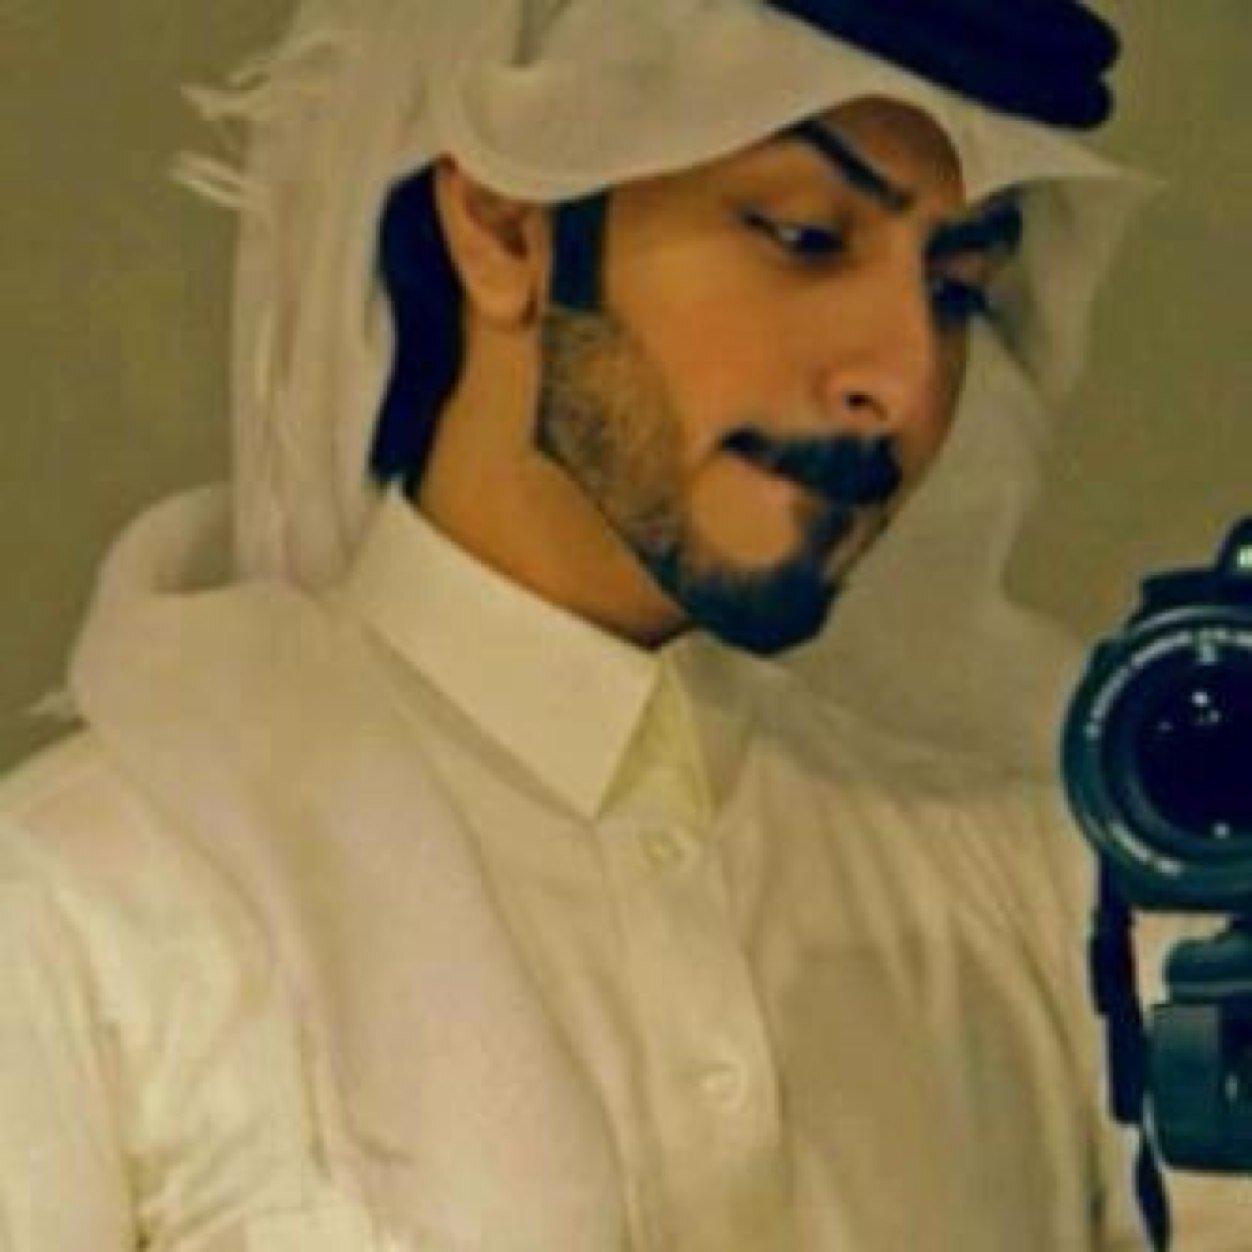 وفاء التقويم من السهل أن تؤذي رجال سعوديين وسيمين Comertinsaat Com